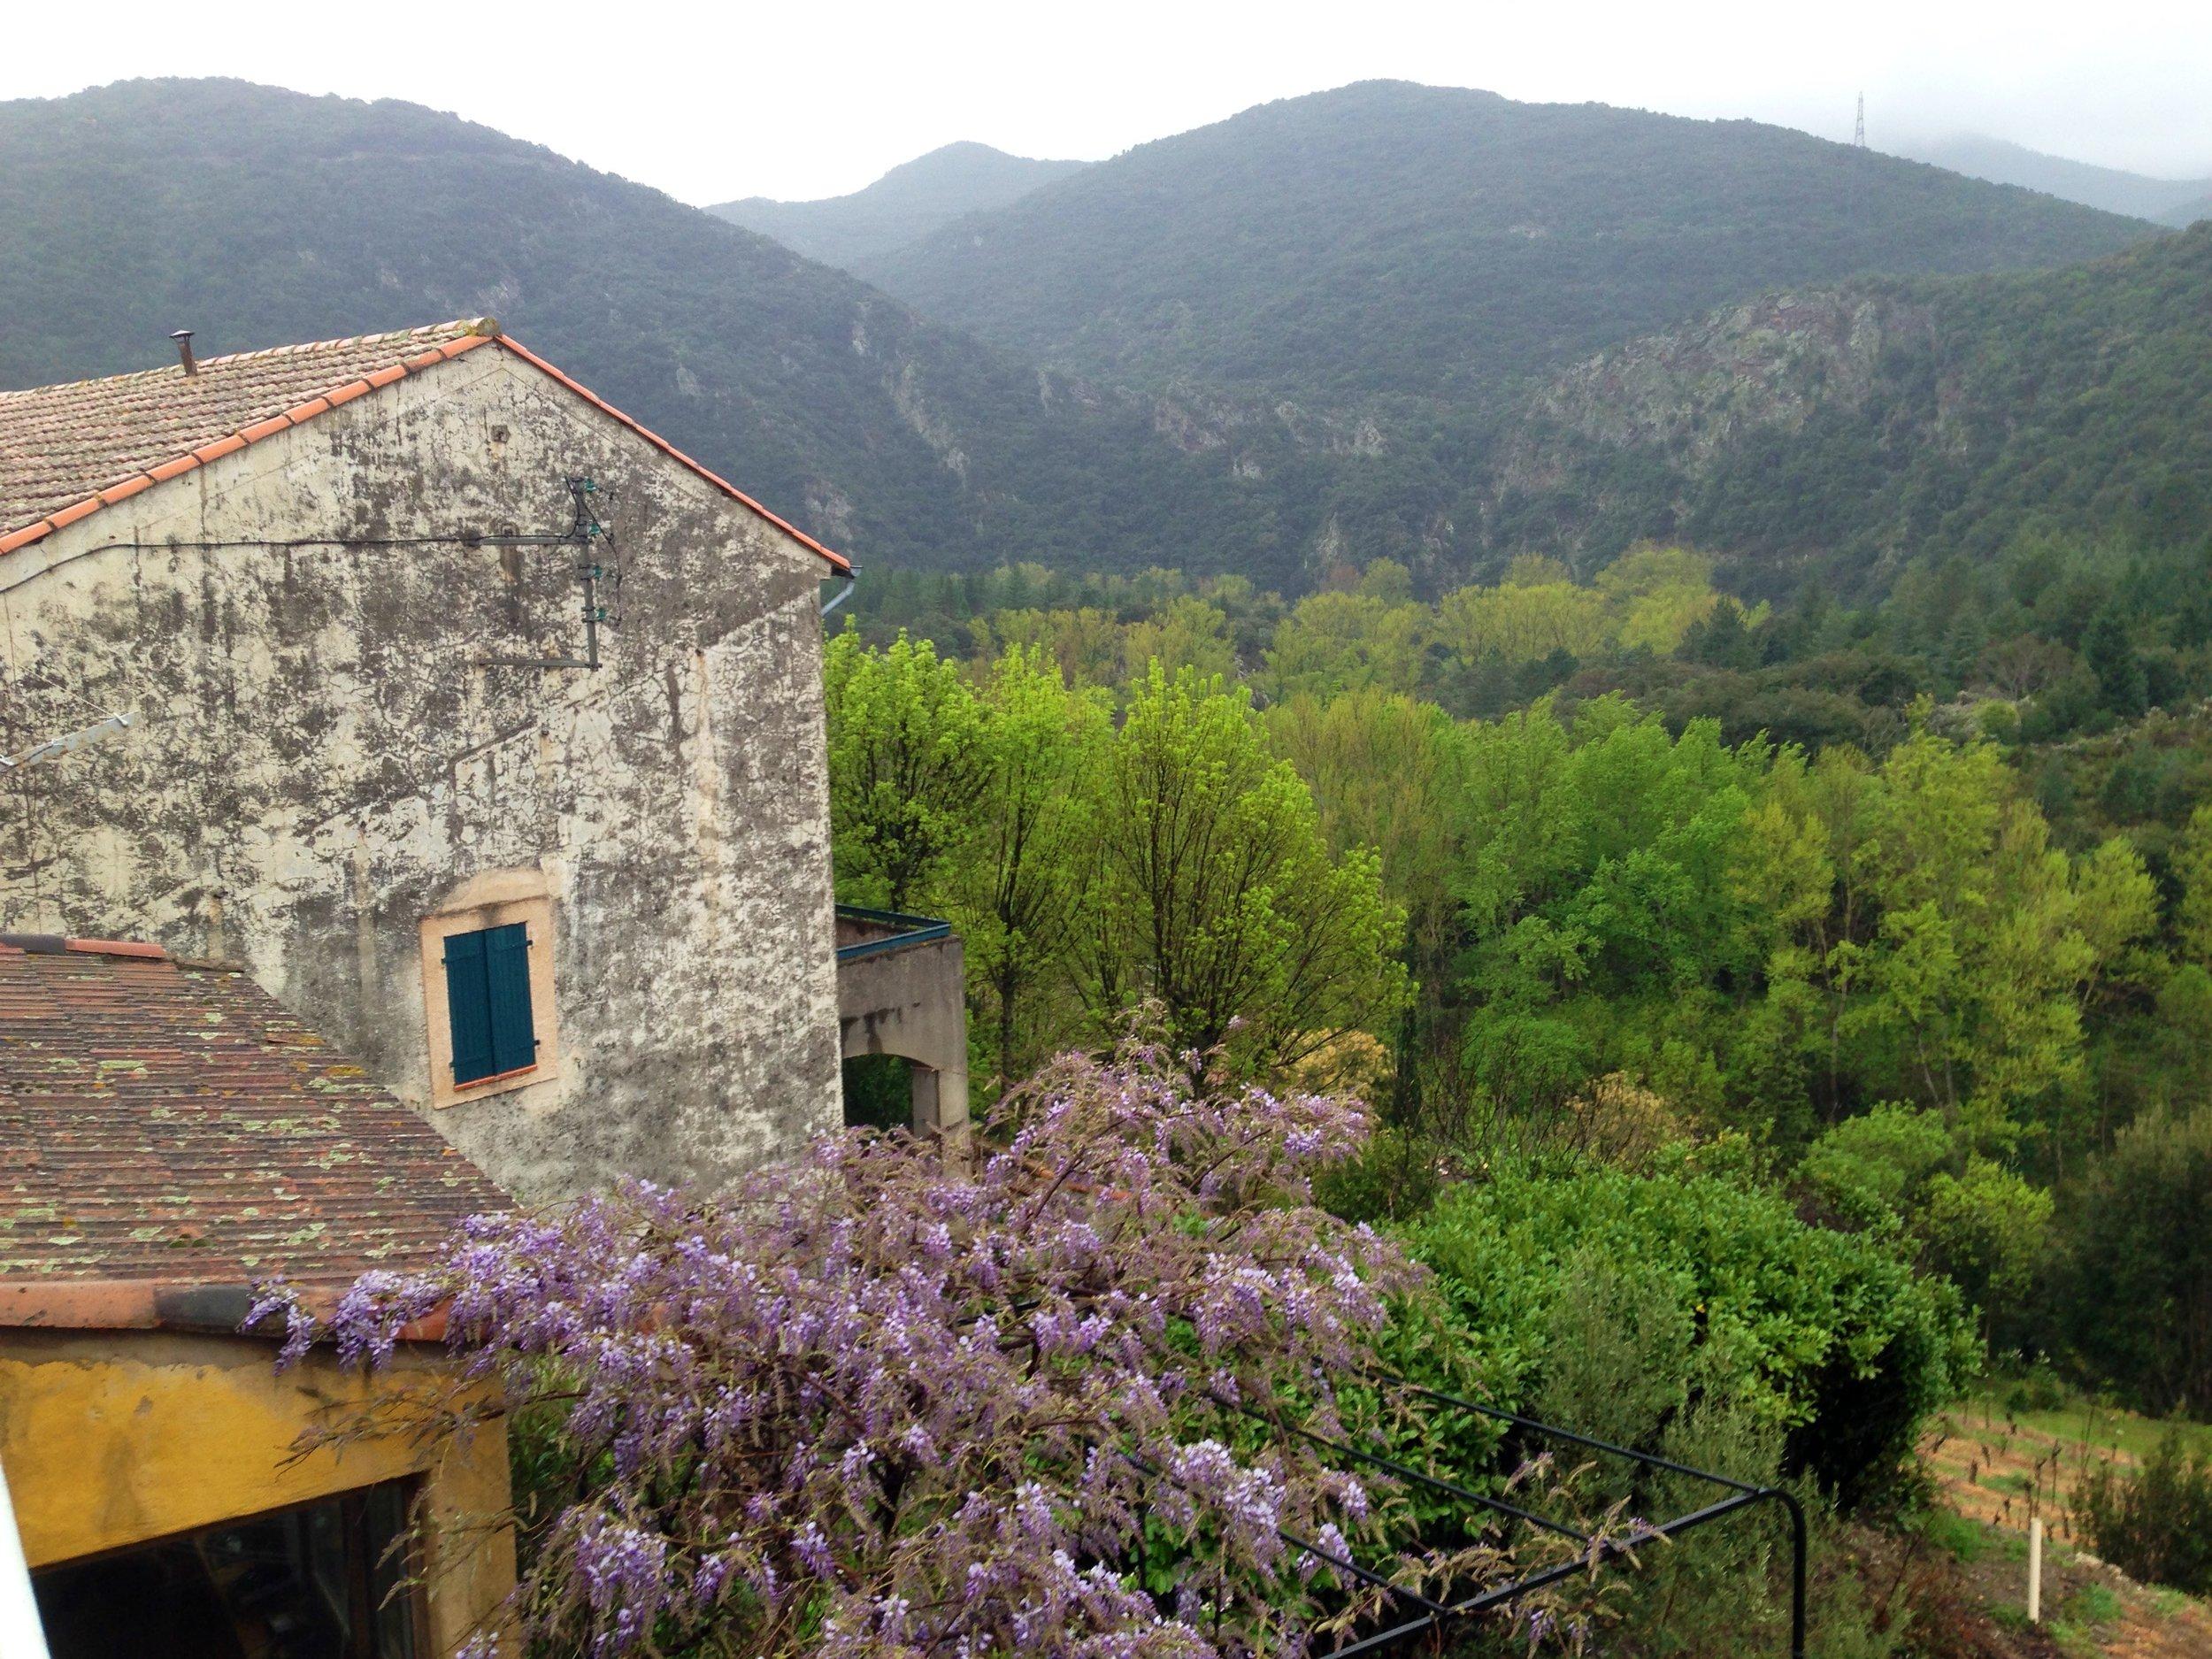 La Trivalle, France, April 2014